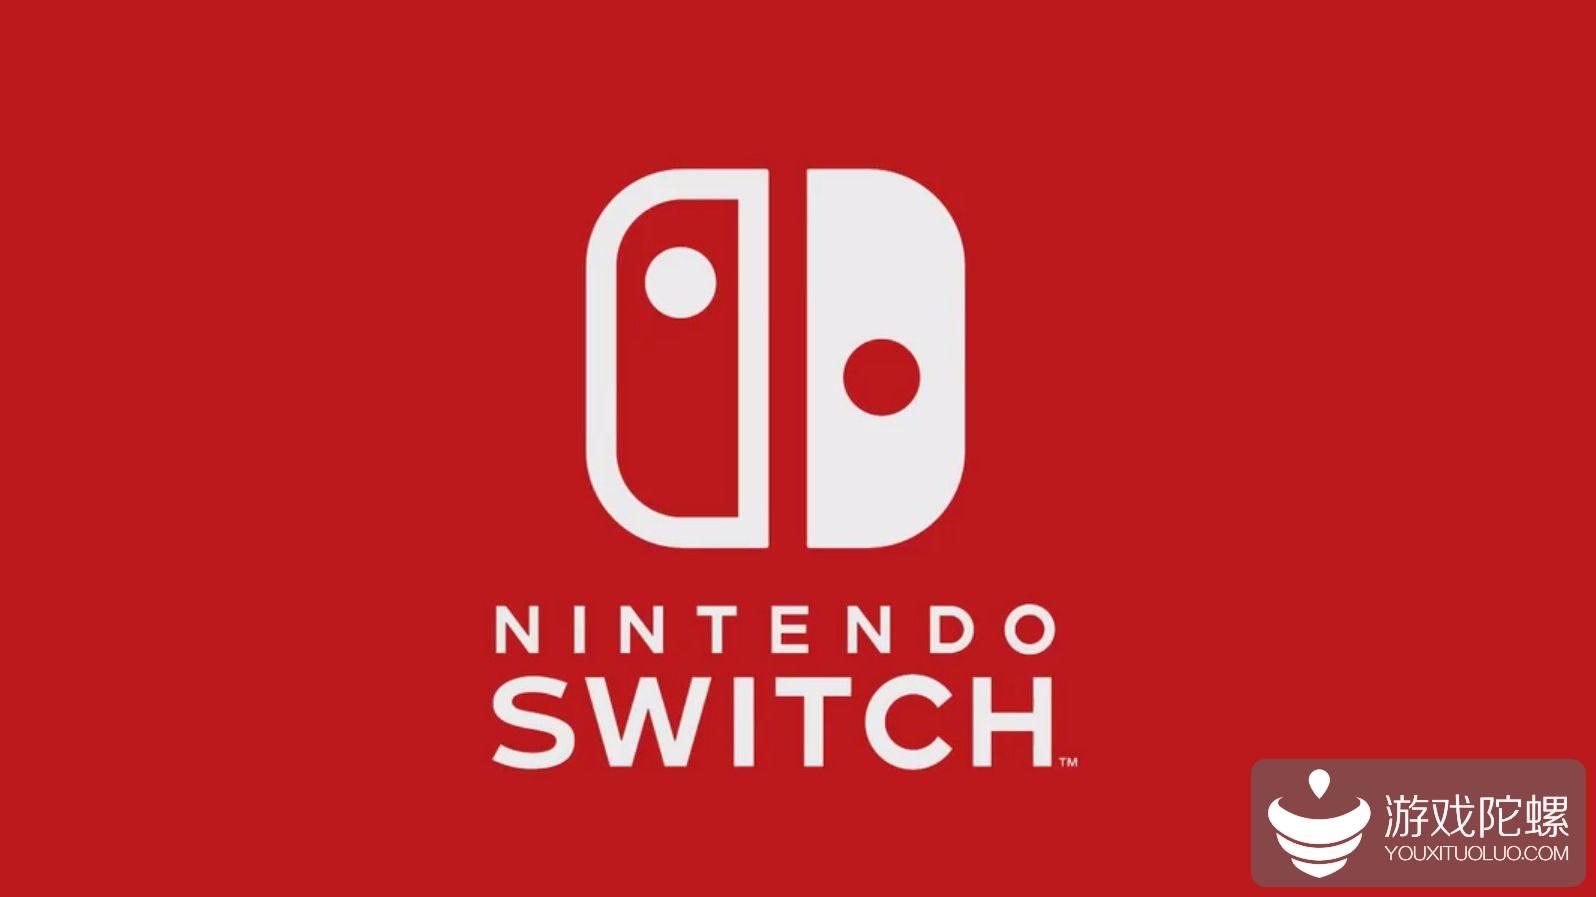 外媒:任天堂部分Switch生产线撤离中国,转移至东南亚